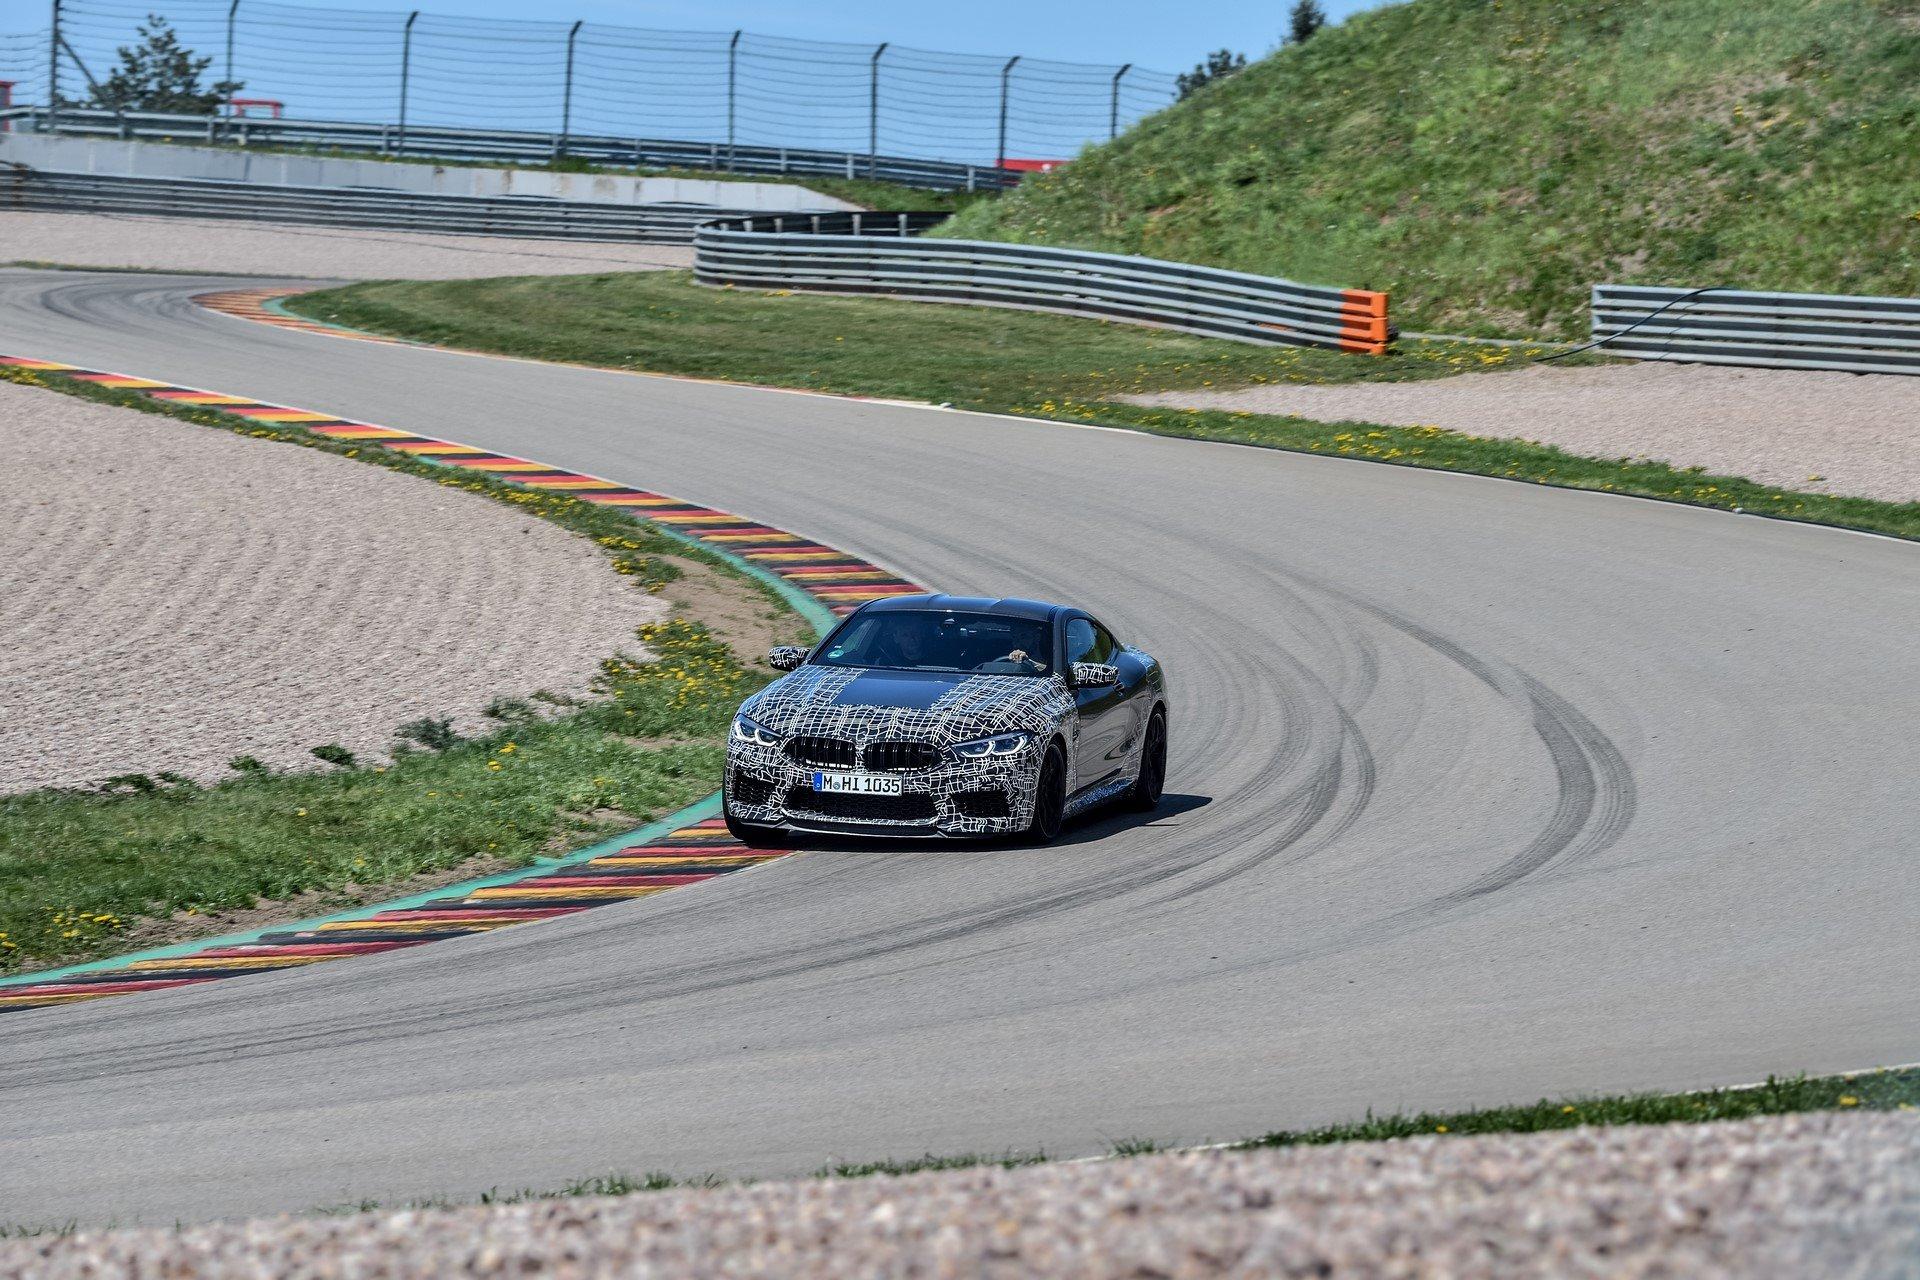 BMW-M8-spy-photos-16